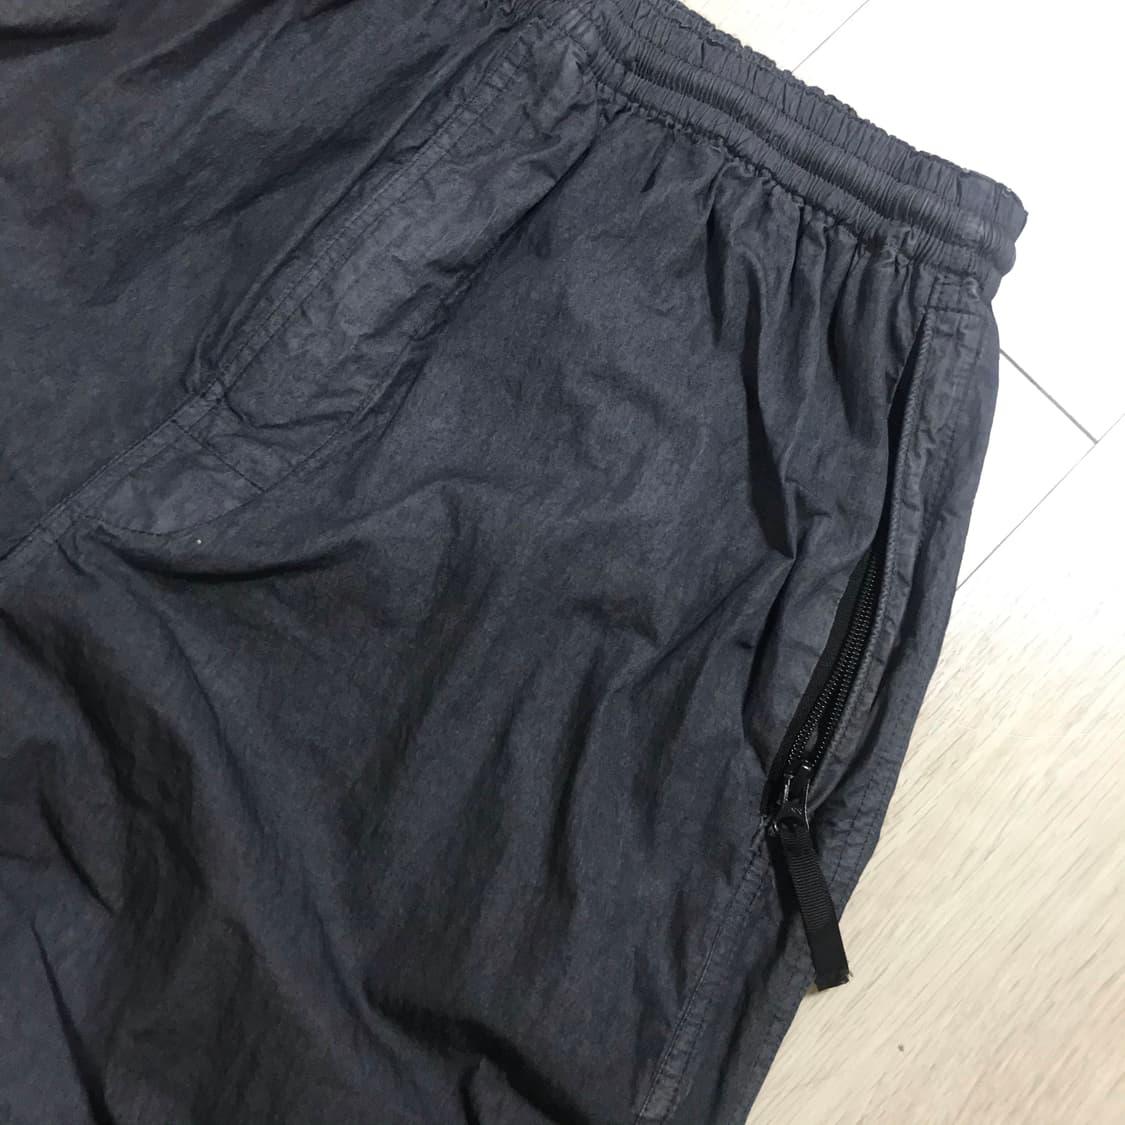 Cav Empt pants